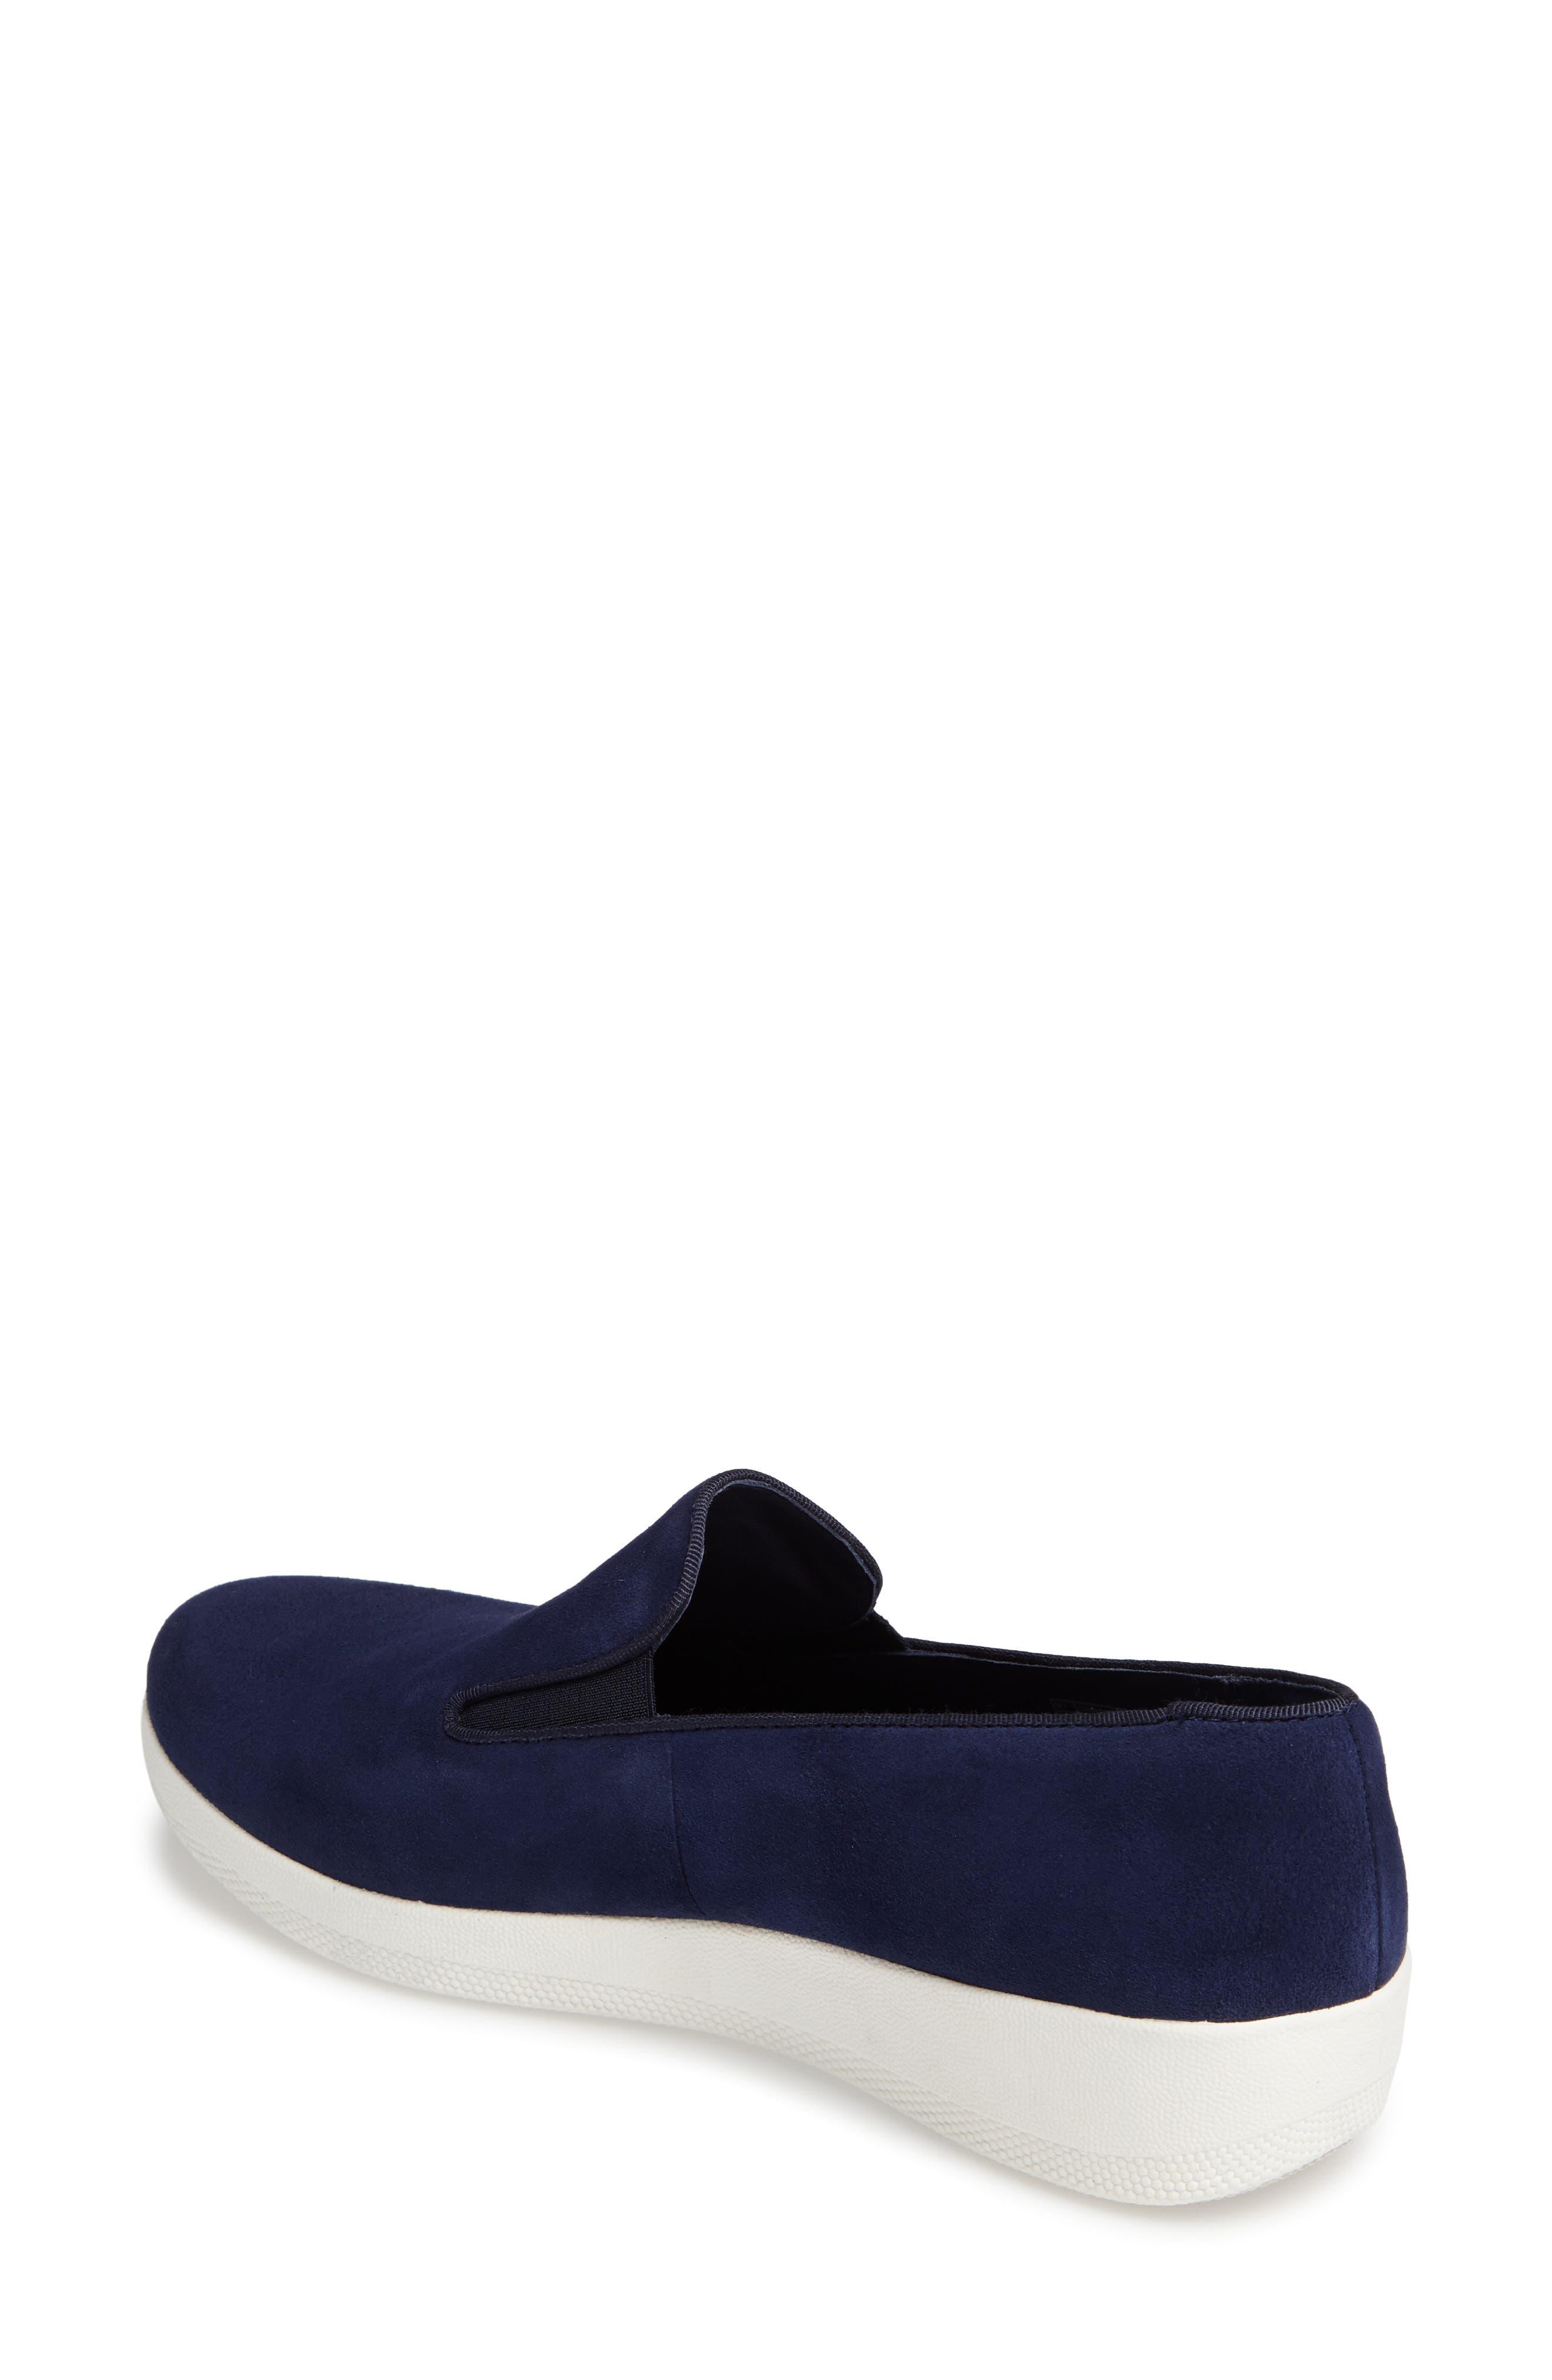 Superskate Slip-On Sneaker,                             Alternate thumbnail 54, color,